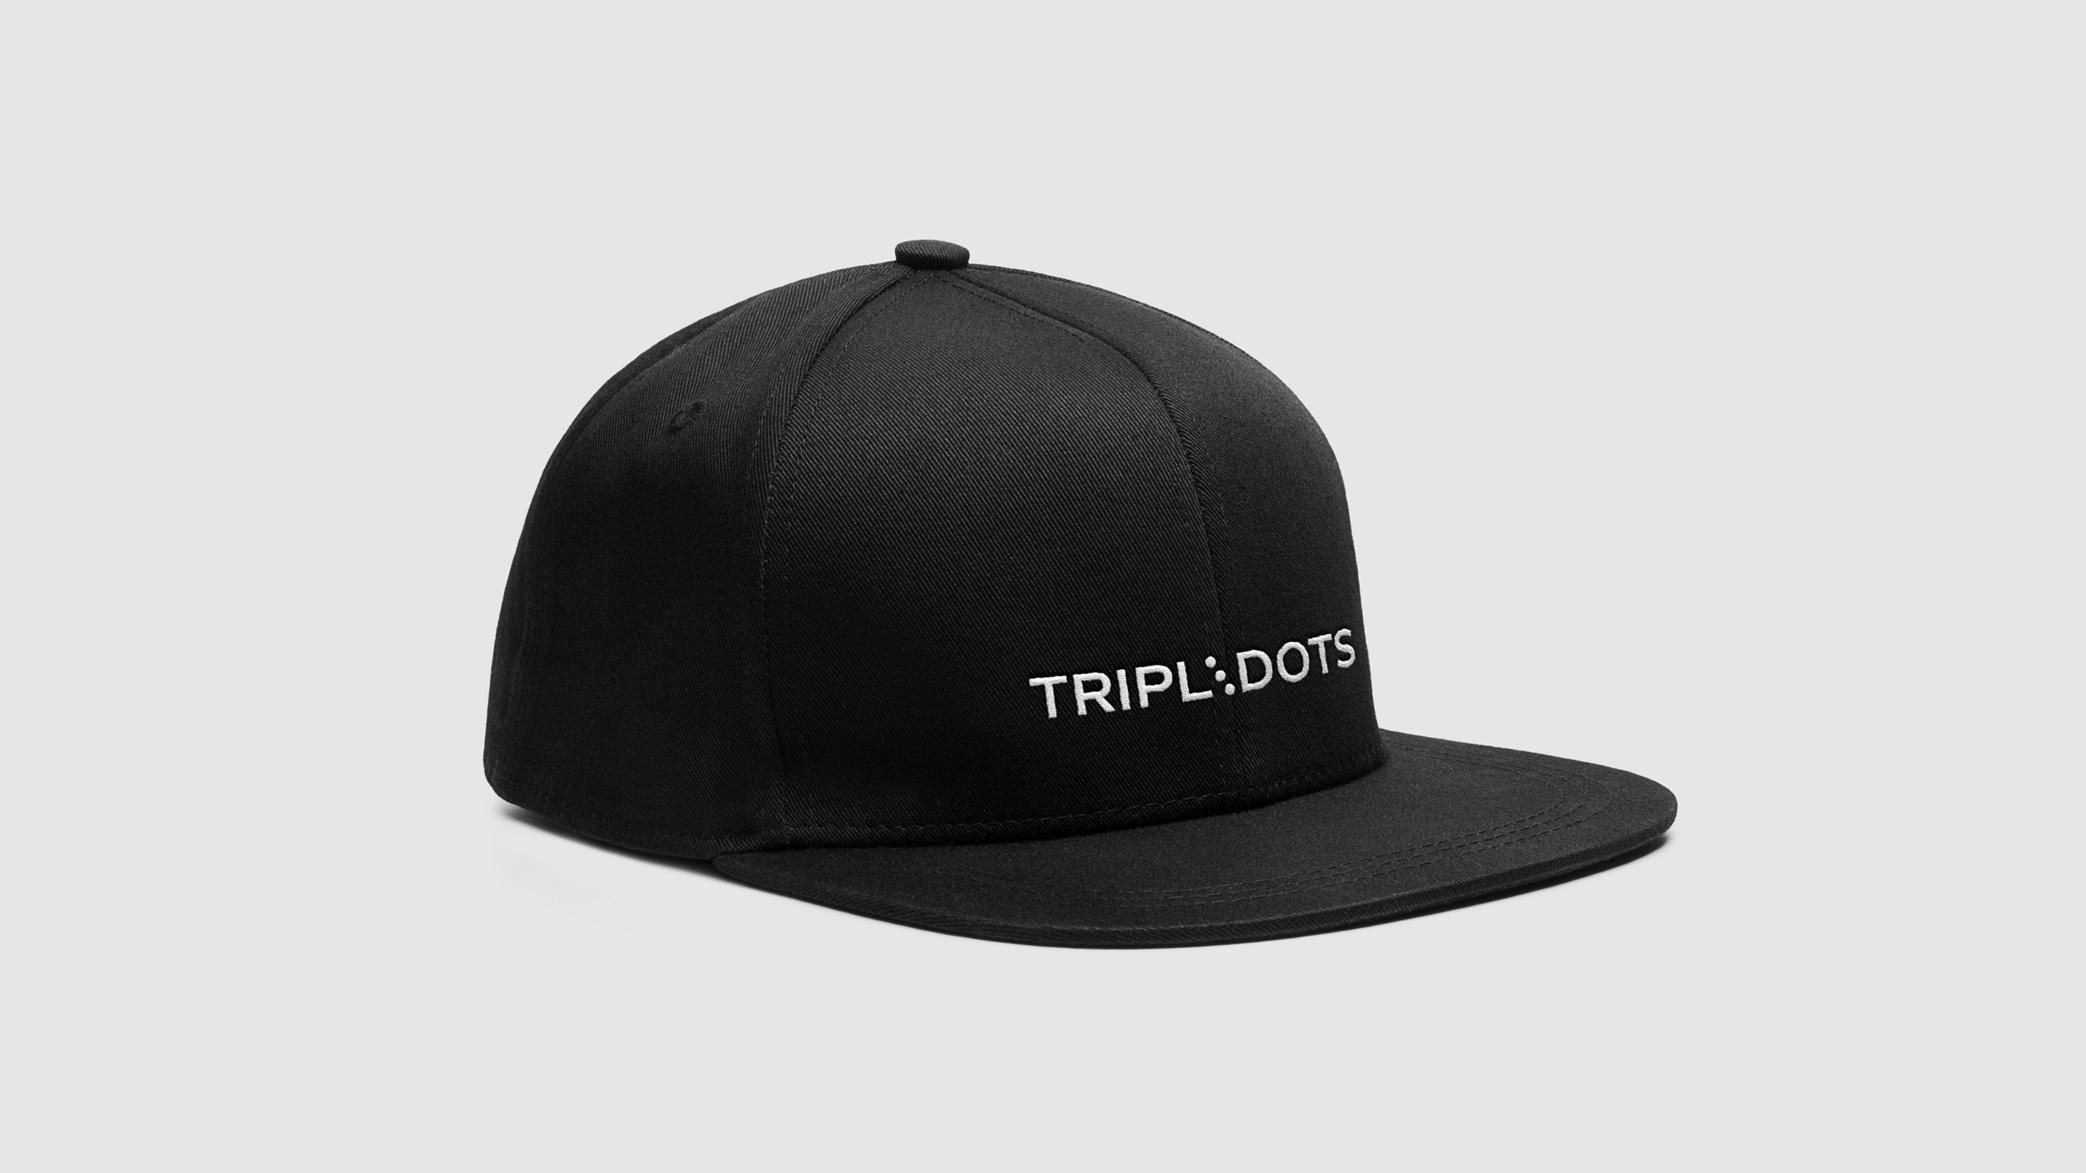 Tripledots_cap